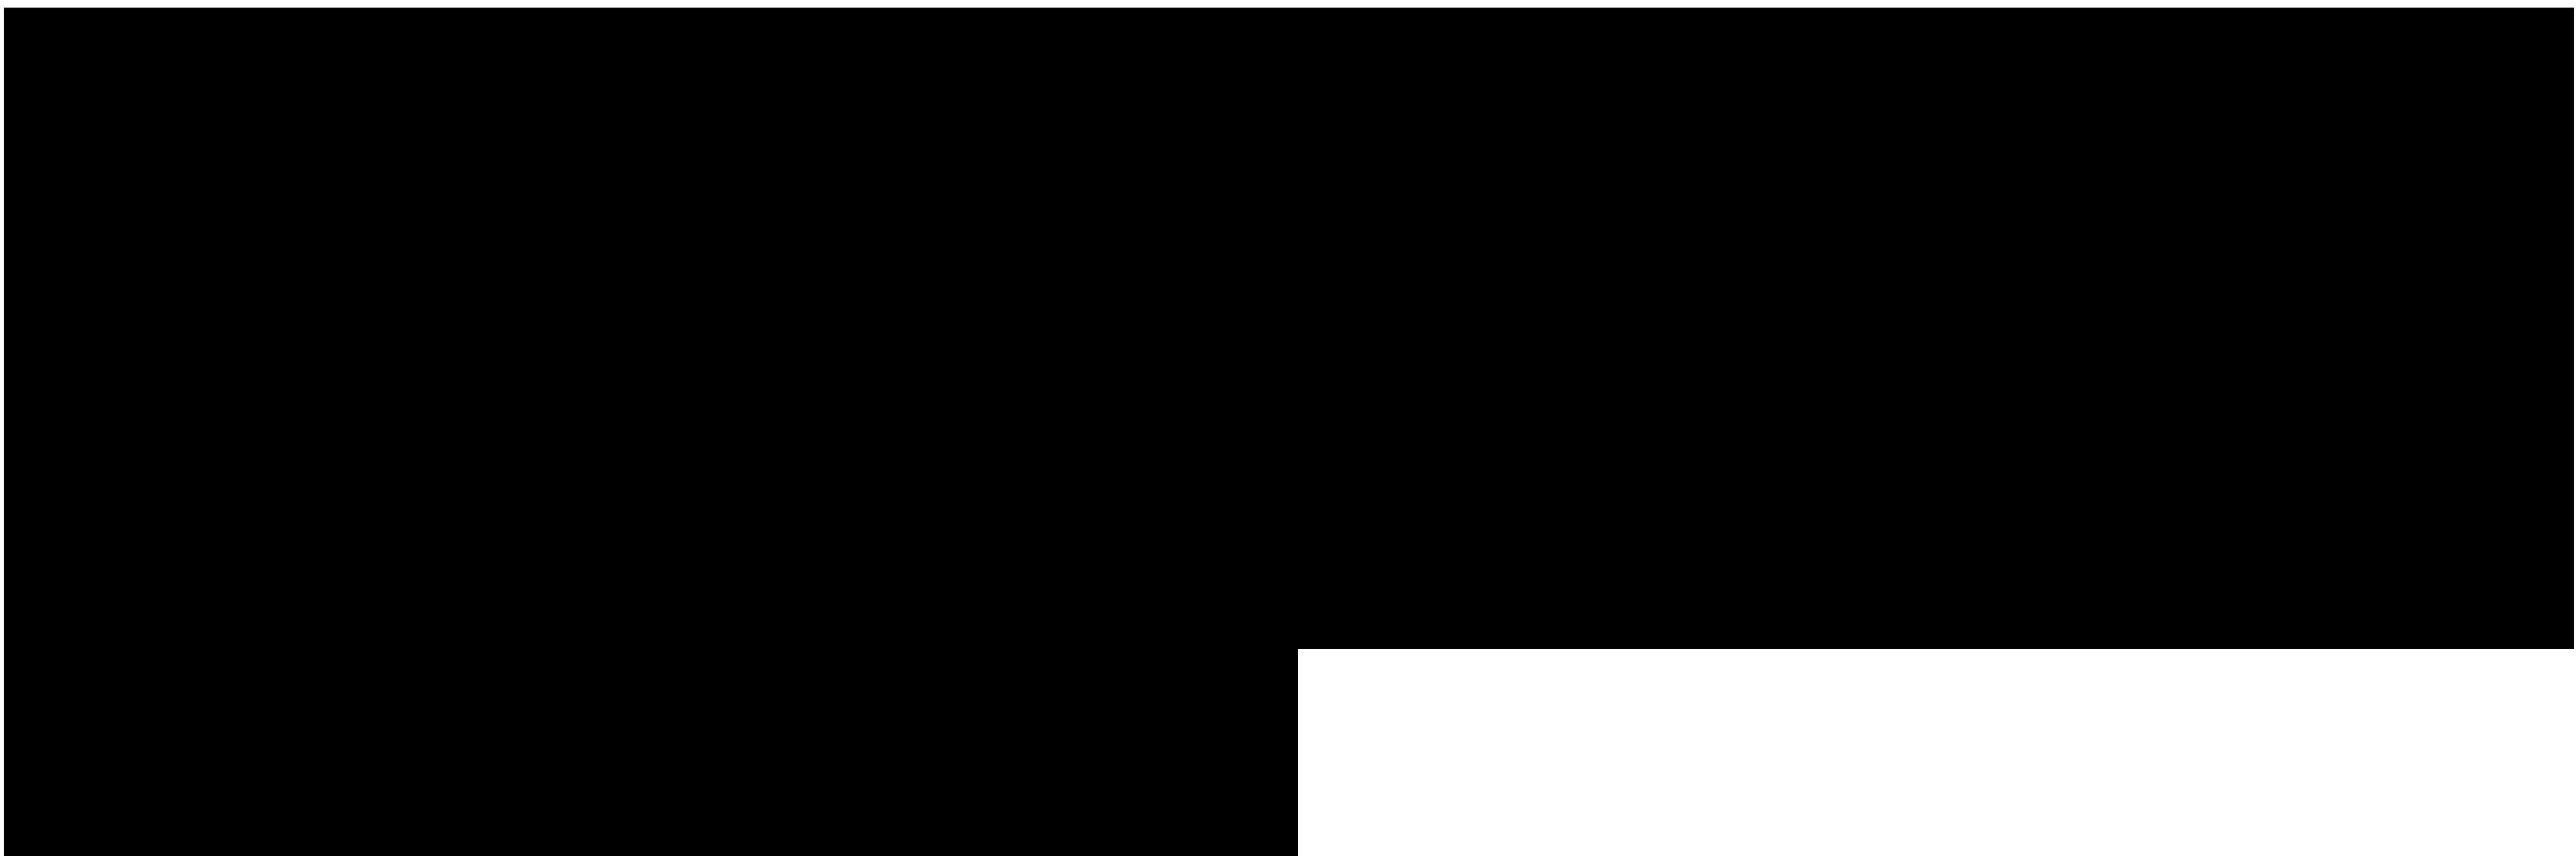 Åka Skidor prenumartionserbjudande